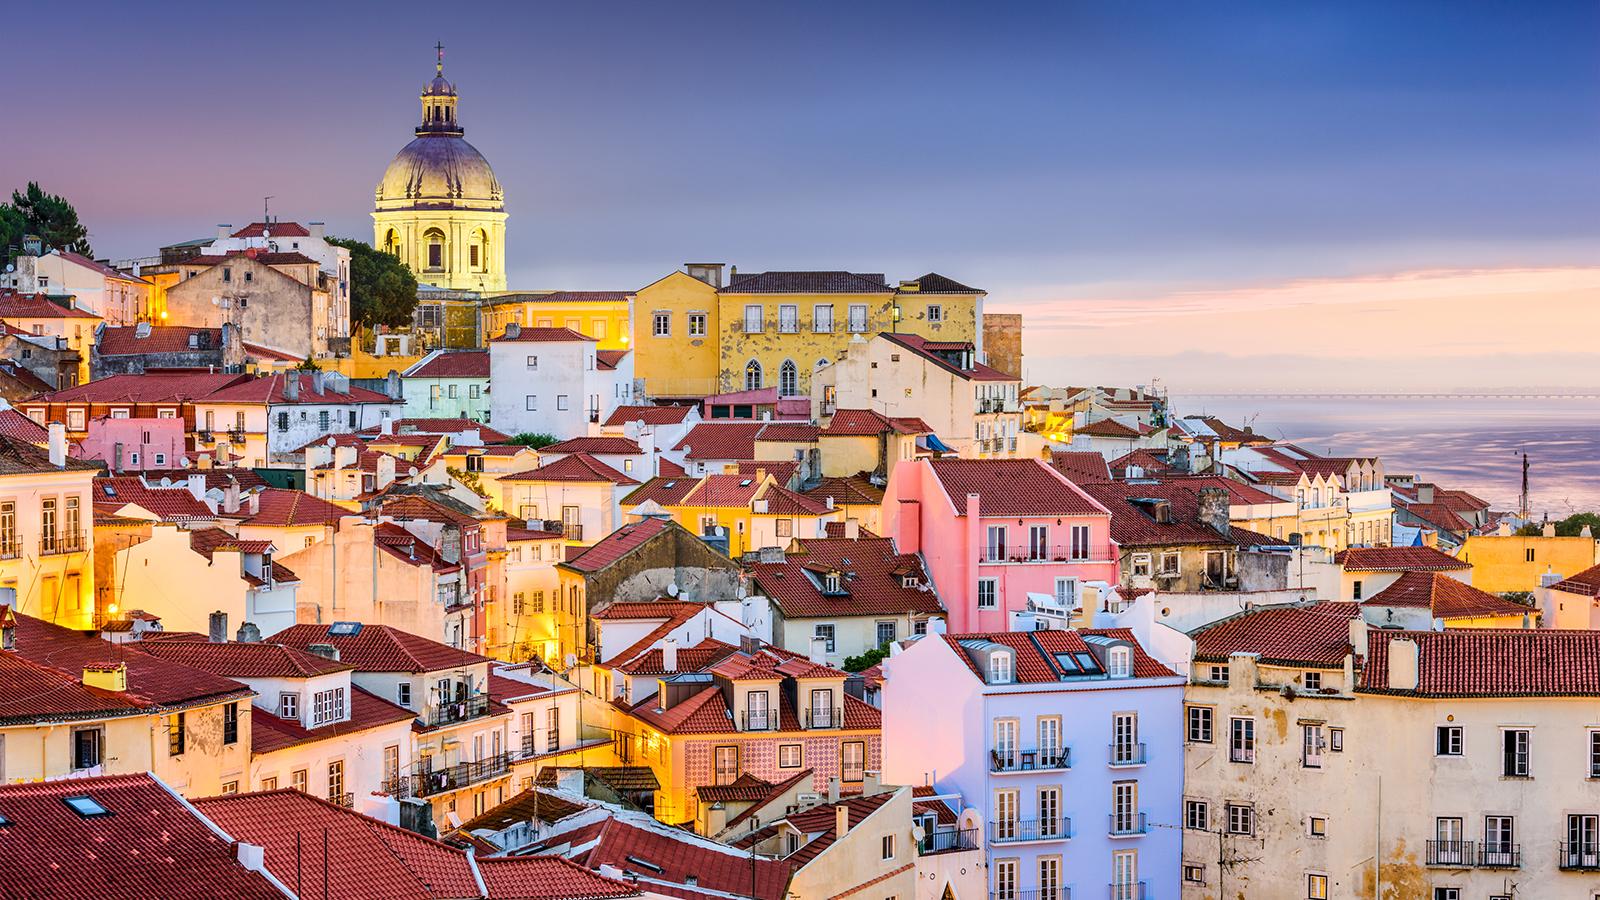 Lisbon-ის სურათის შედეგი